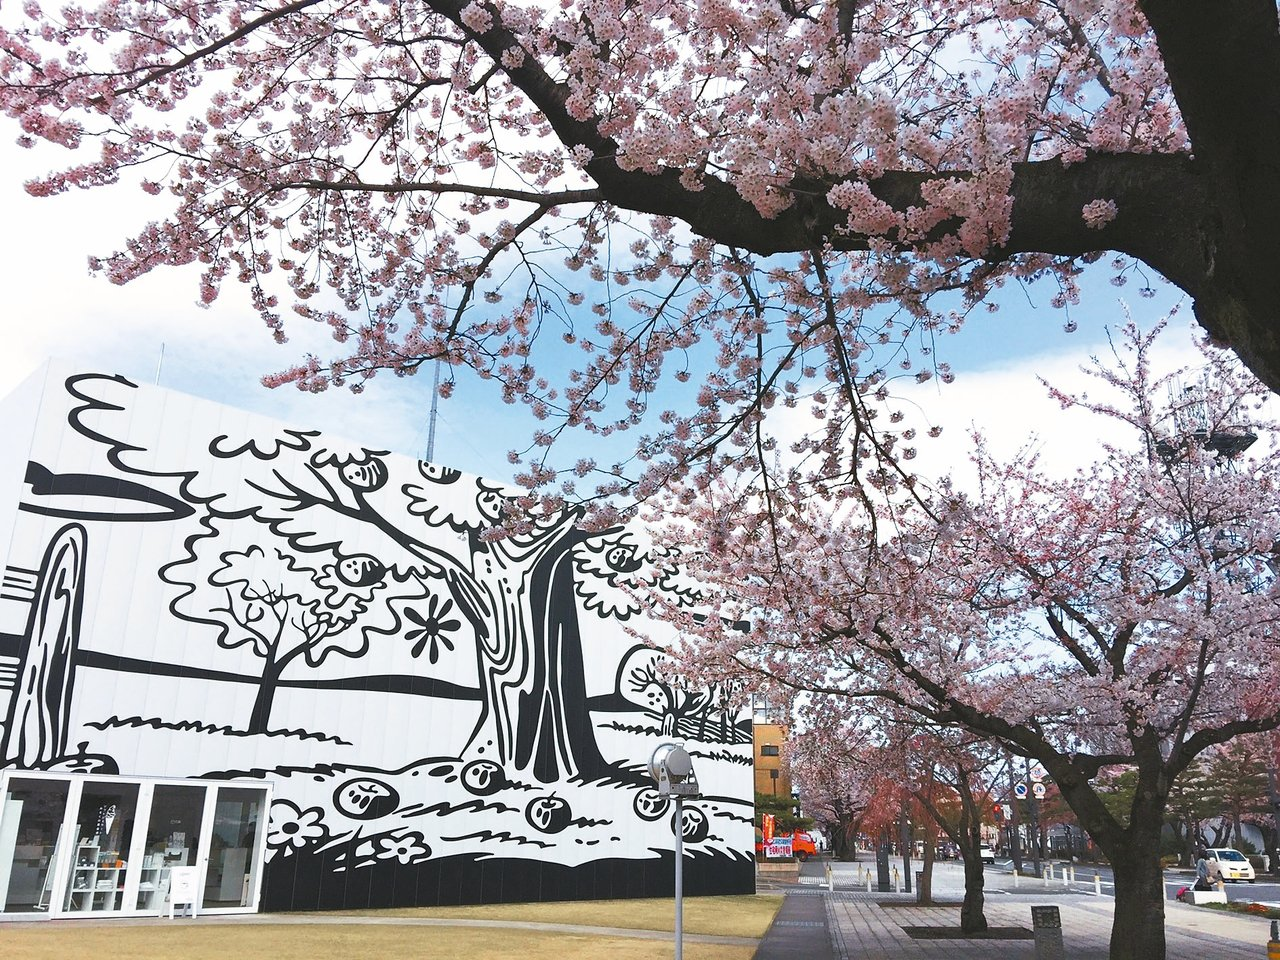 與環境融為一體的十和田美術館,怎麼取景都漂亮!尤其正值櫻花季。 記者錢欽青/攝影